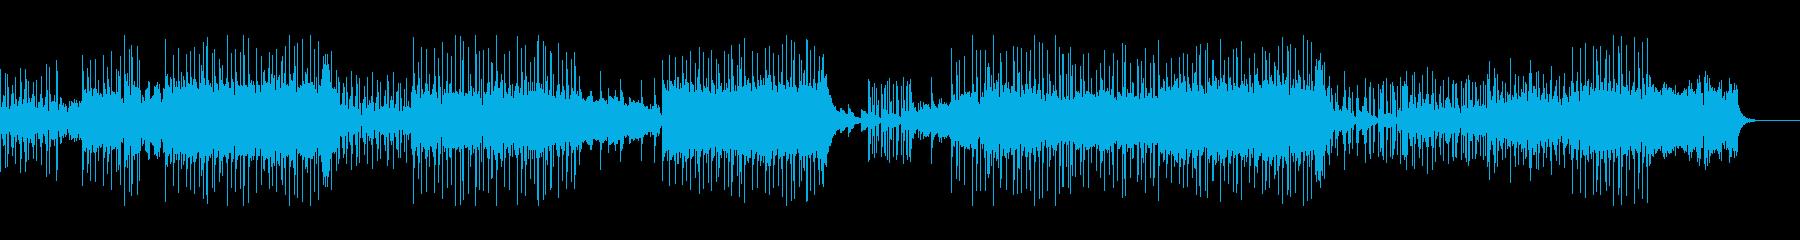 ヒップホップエレクトロインストゥル...の再生済みの波形